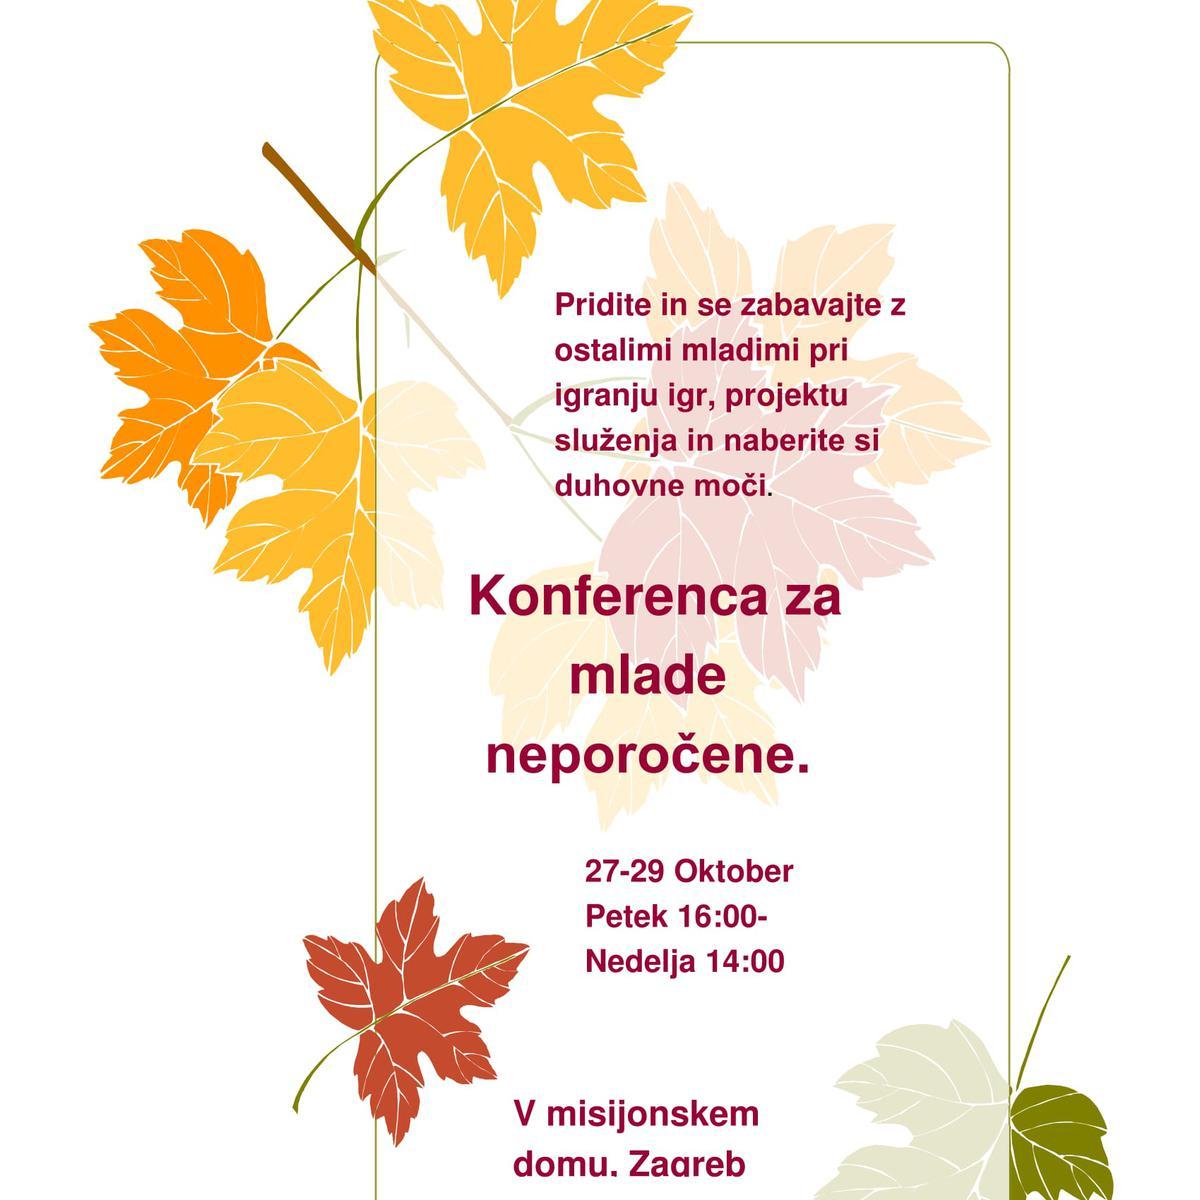 Konferenca za mlade neporočene.